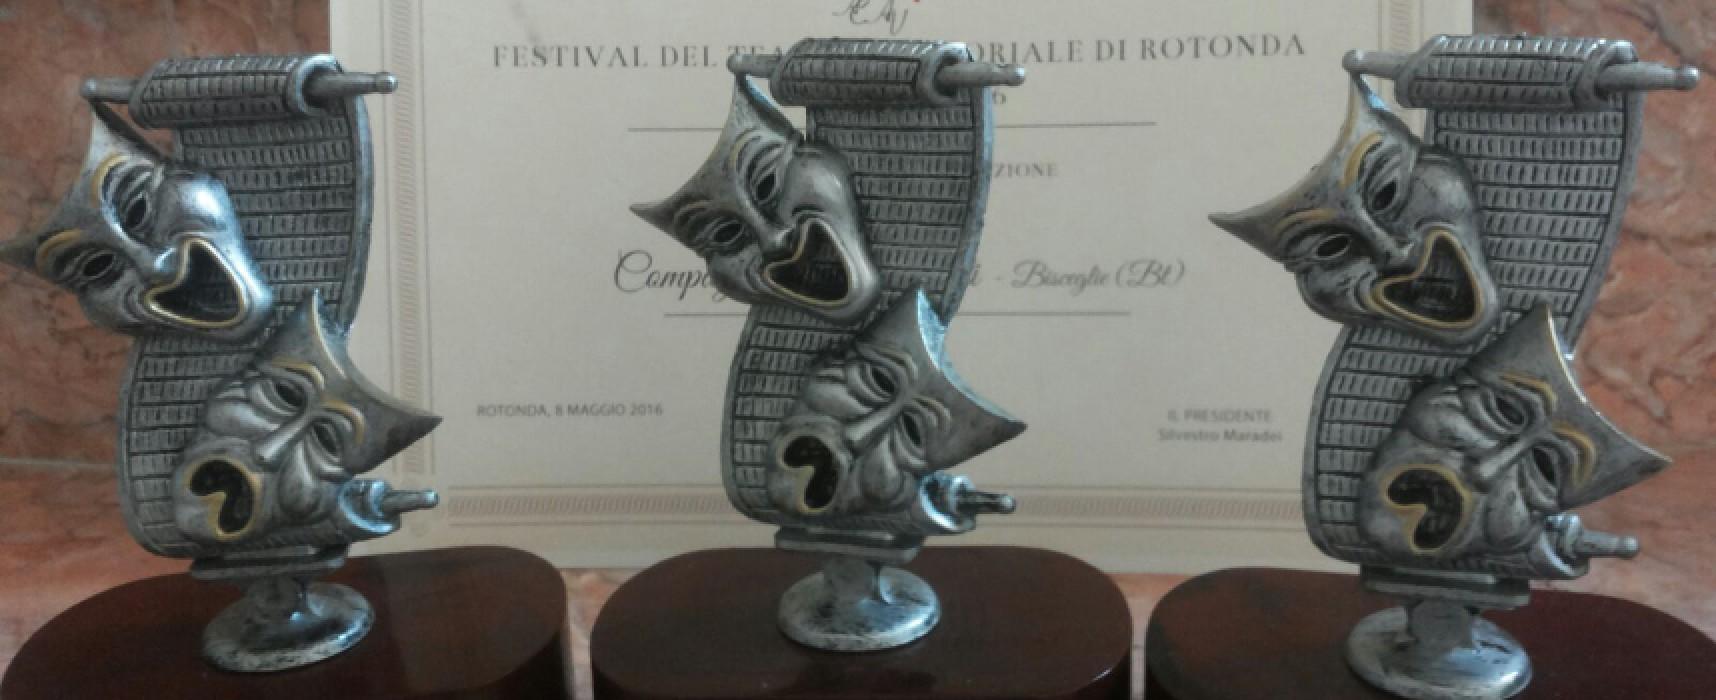 Tris di premi e valanga di nomination per la Compagnia dei Teatranti in Basilicata